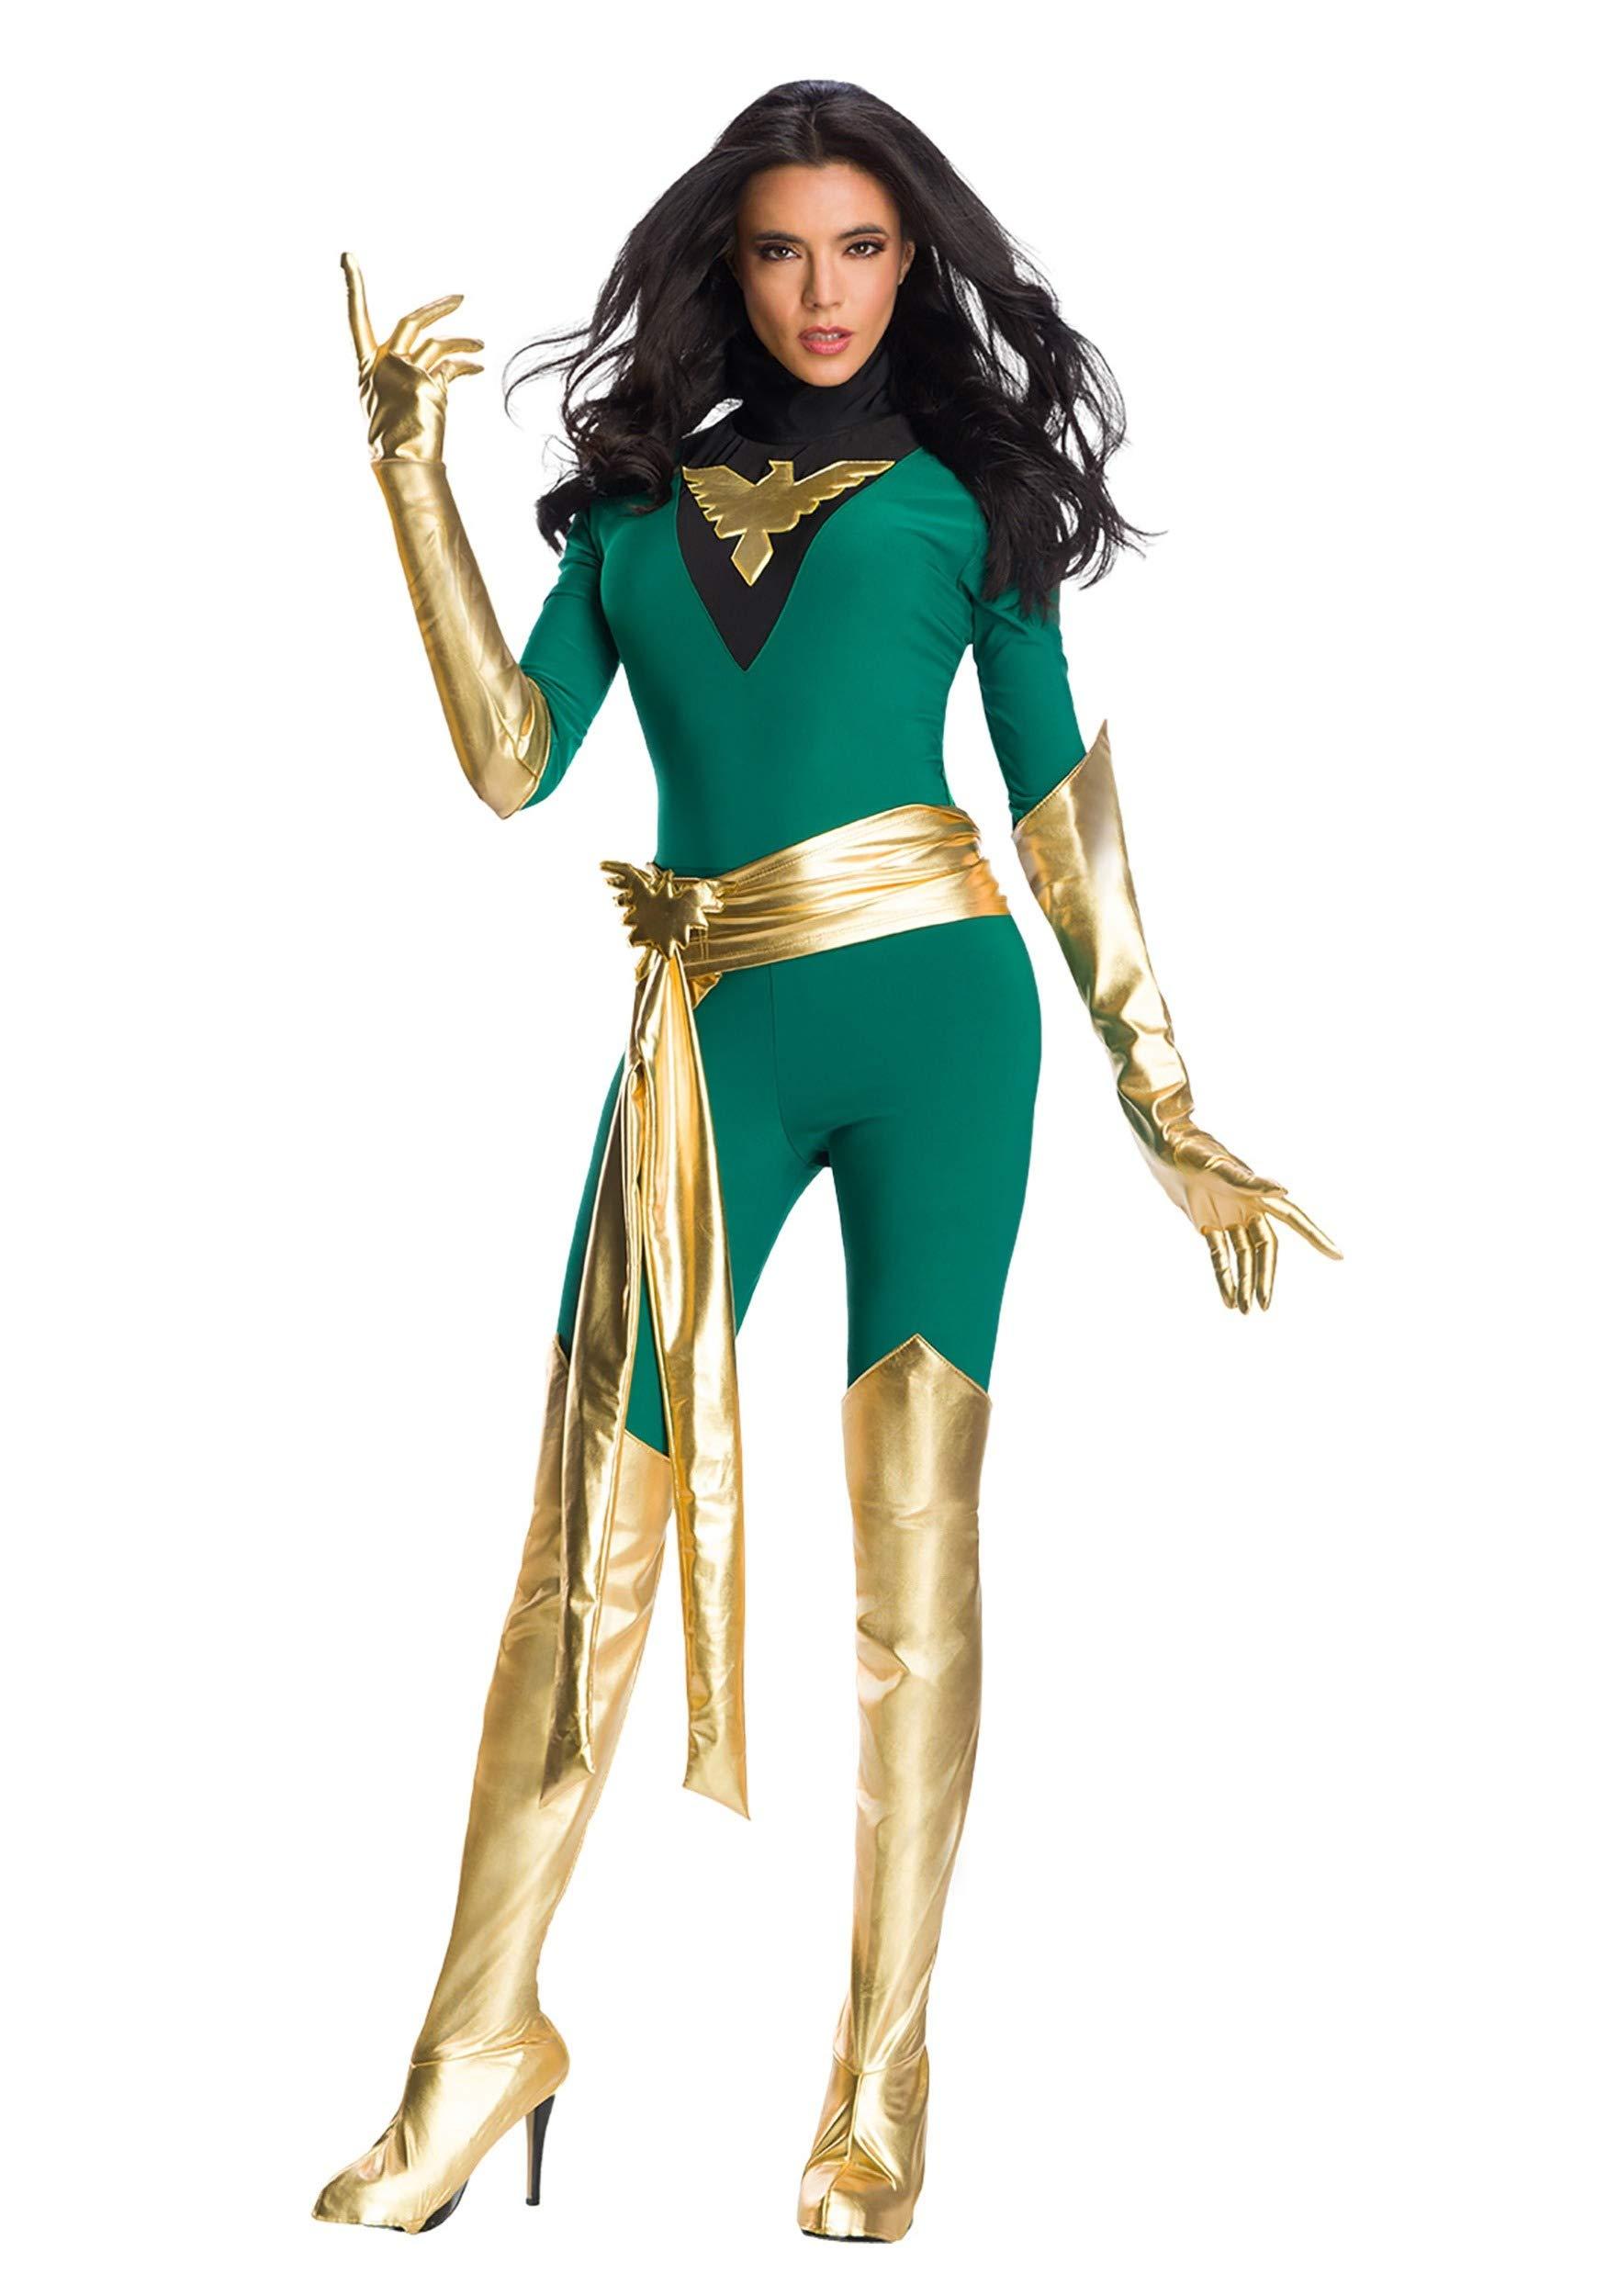 Premium Marvel Jean Grey Phoenix Womens Costume 716N2nKjU 2BL